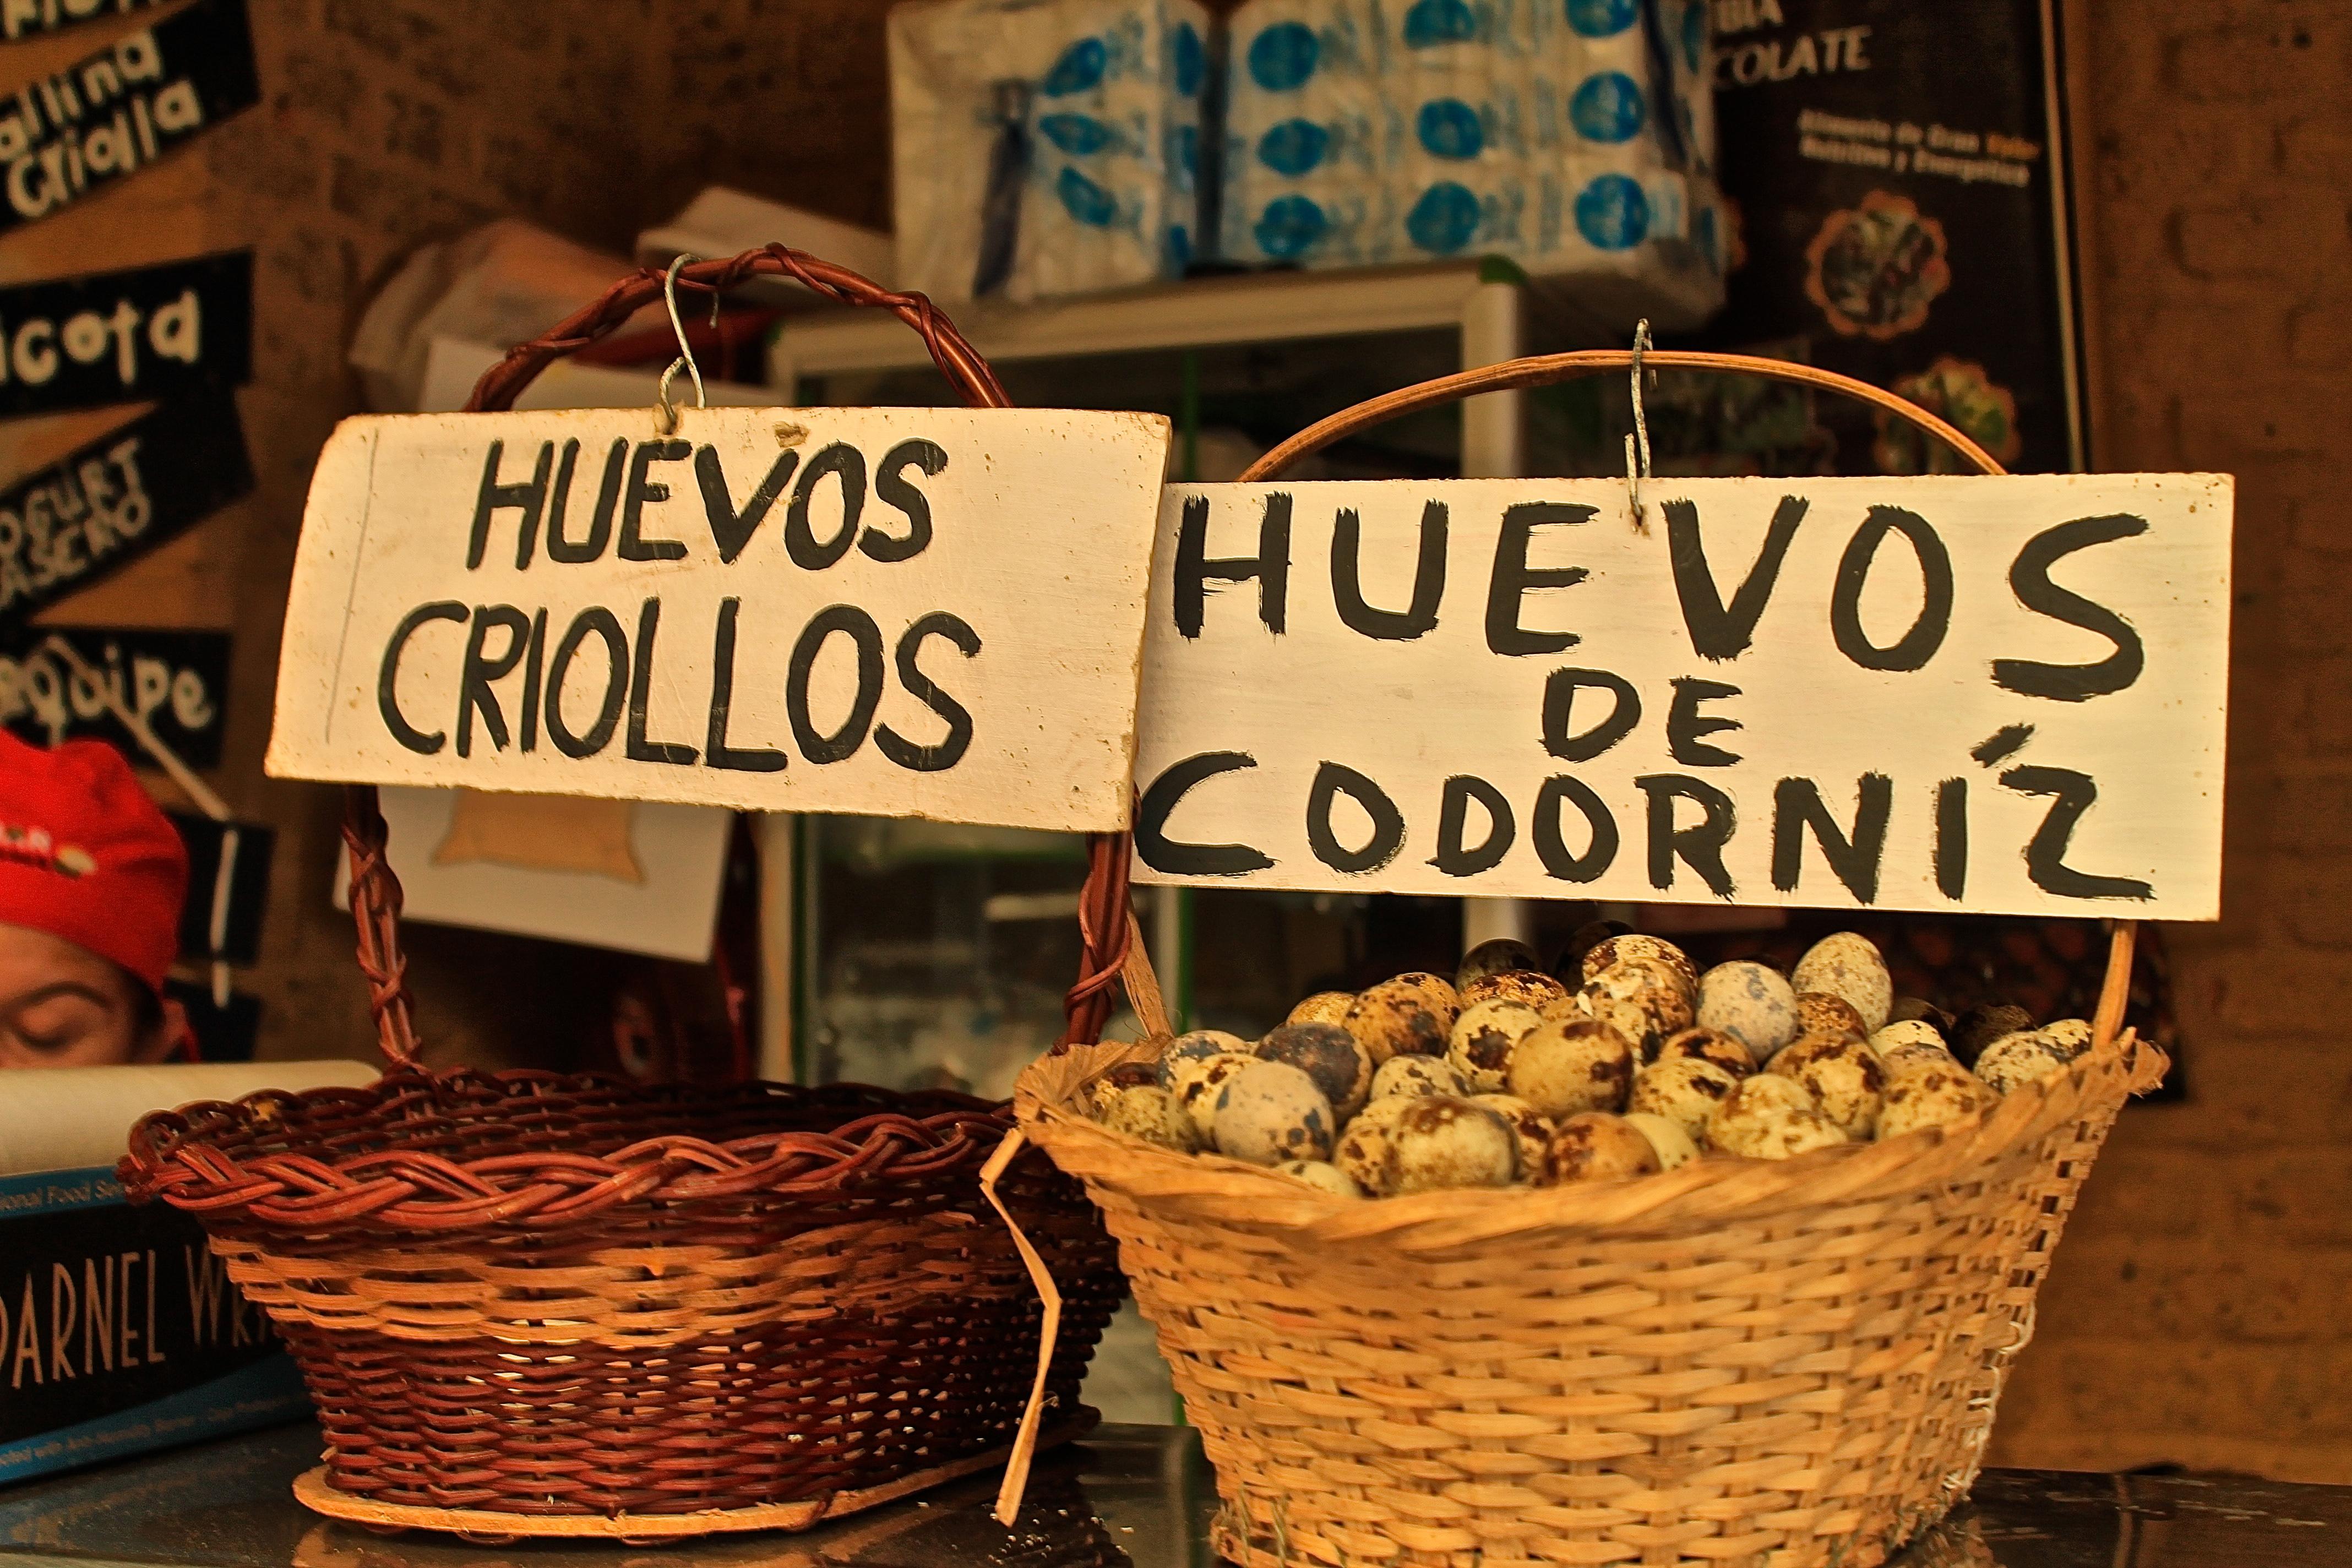 Huevos criollos y de cordorniz